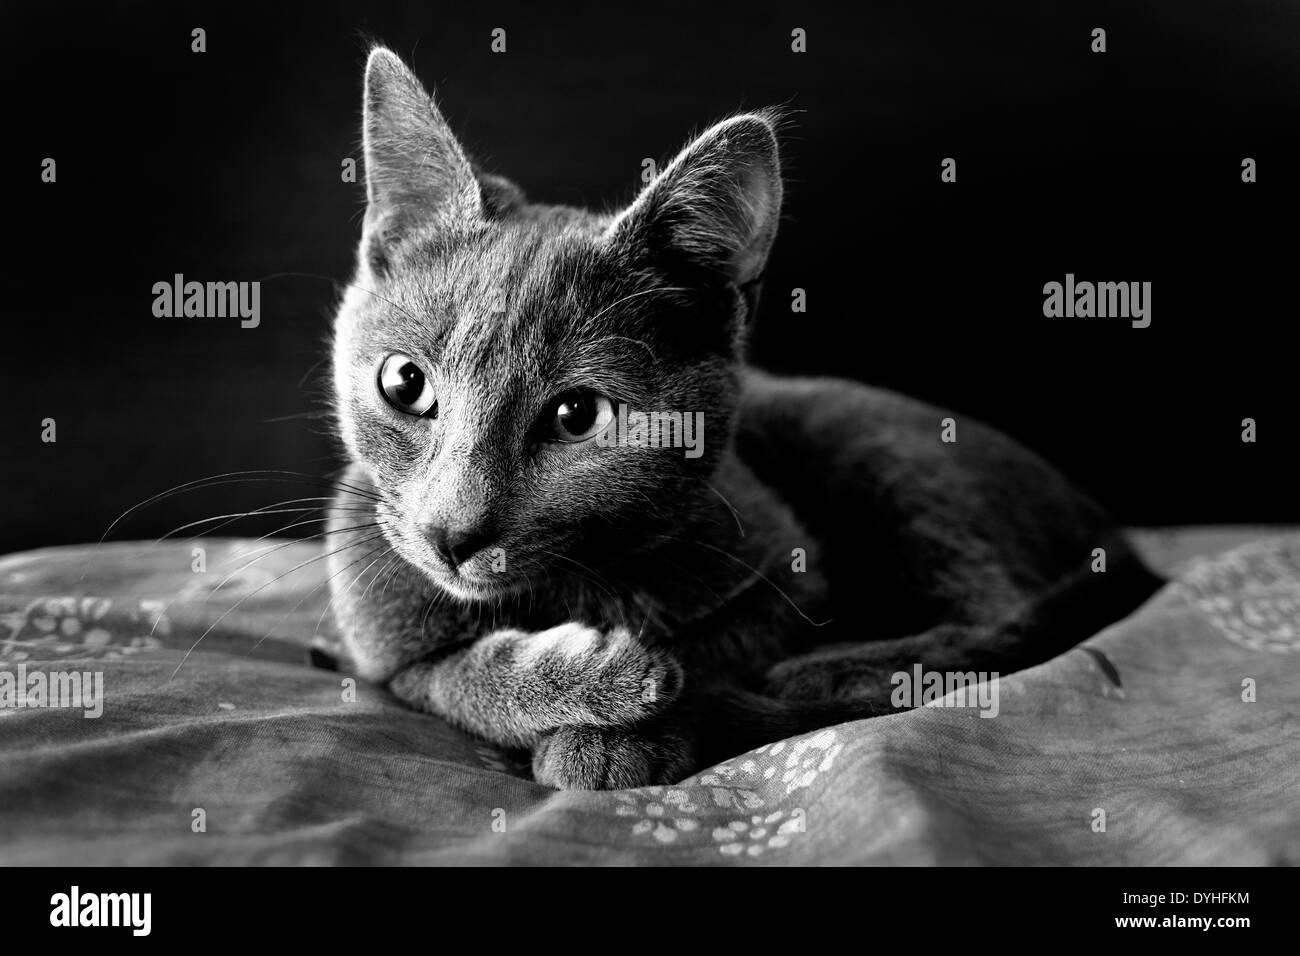 Un gato gris mintió sobre una cama Foto de stock